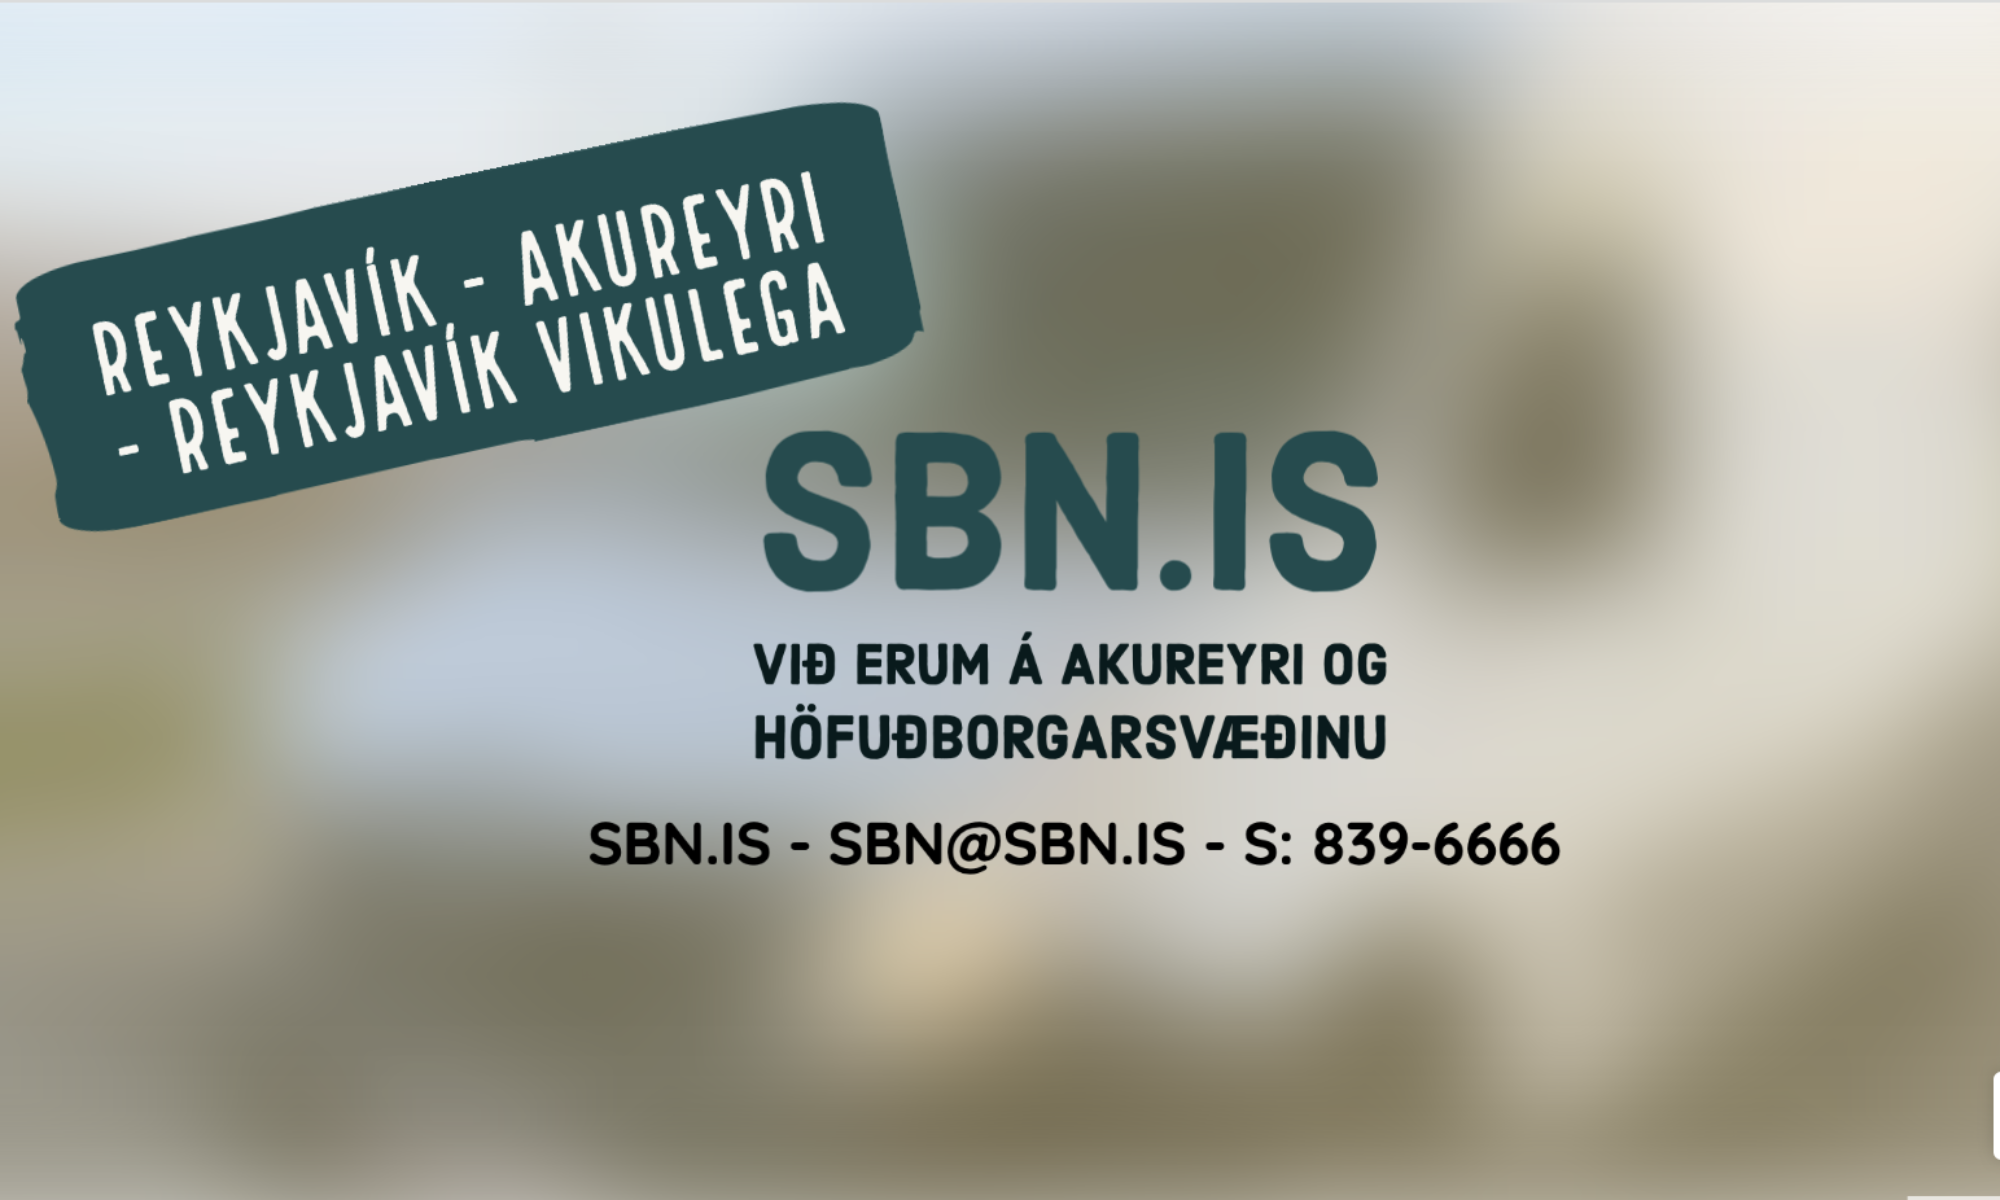 Við erum á Akureyri og Reykjavík